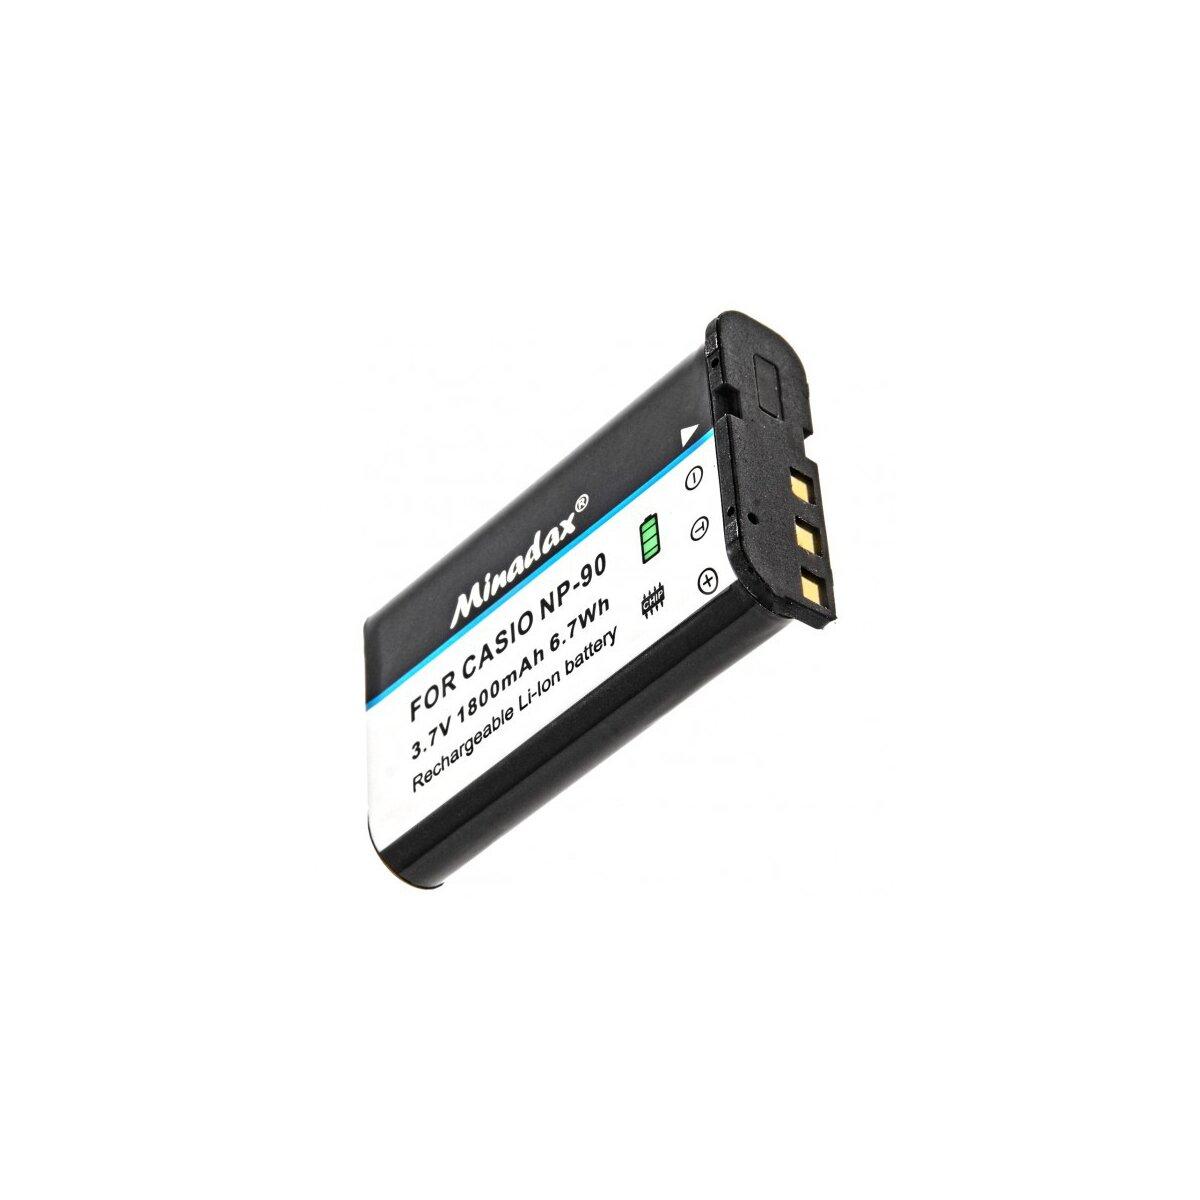 Minadax Qualitätsakku mit echten 1800 mAh kompatibel für Casio Exilim EX-FH100 EX-H10 EX-H15 EX-H20G Ersatz für NP-90 - Intelligentes Akkusystem mit Chip